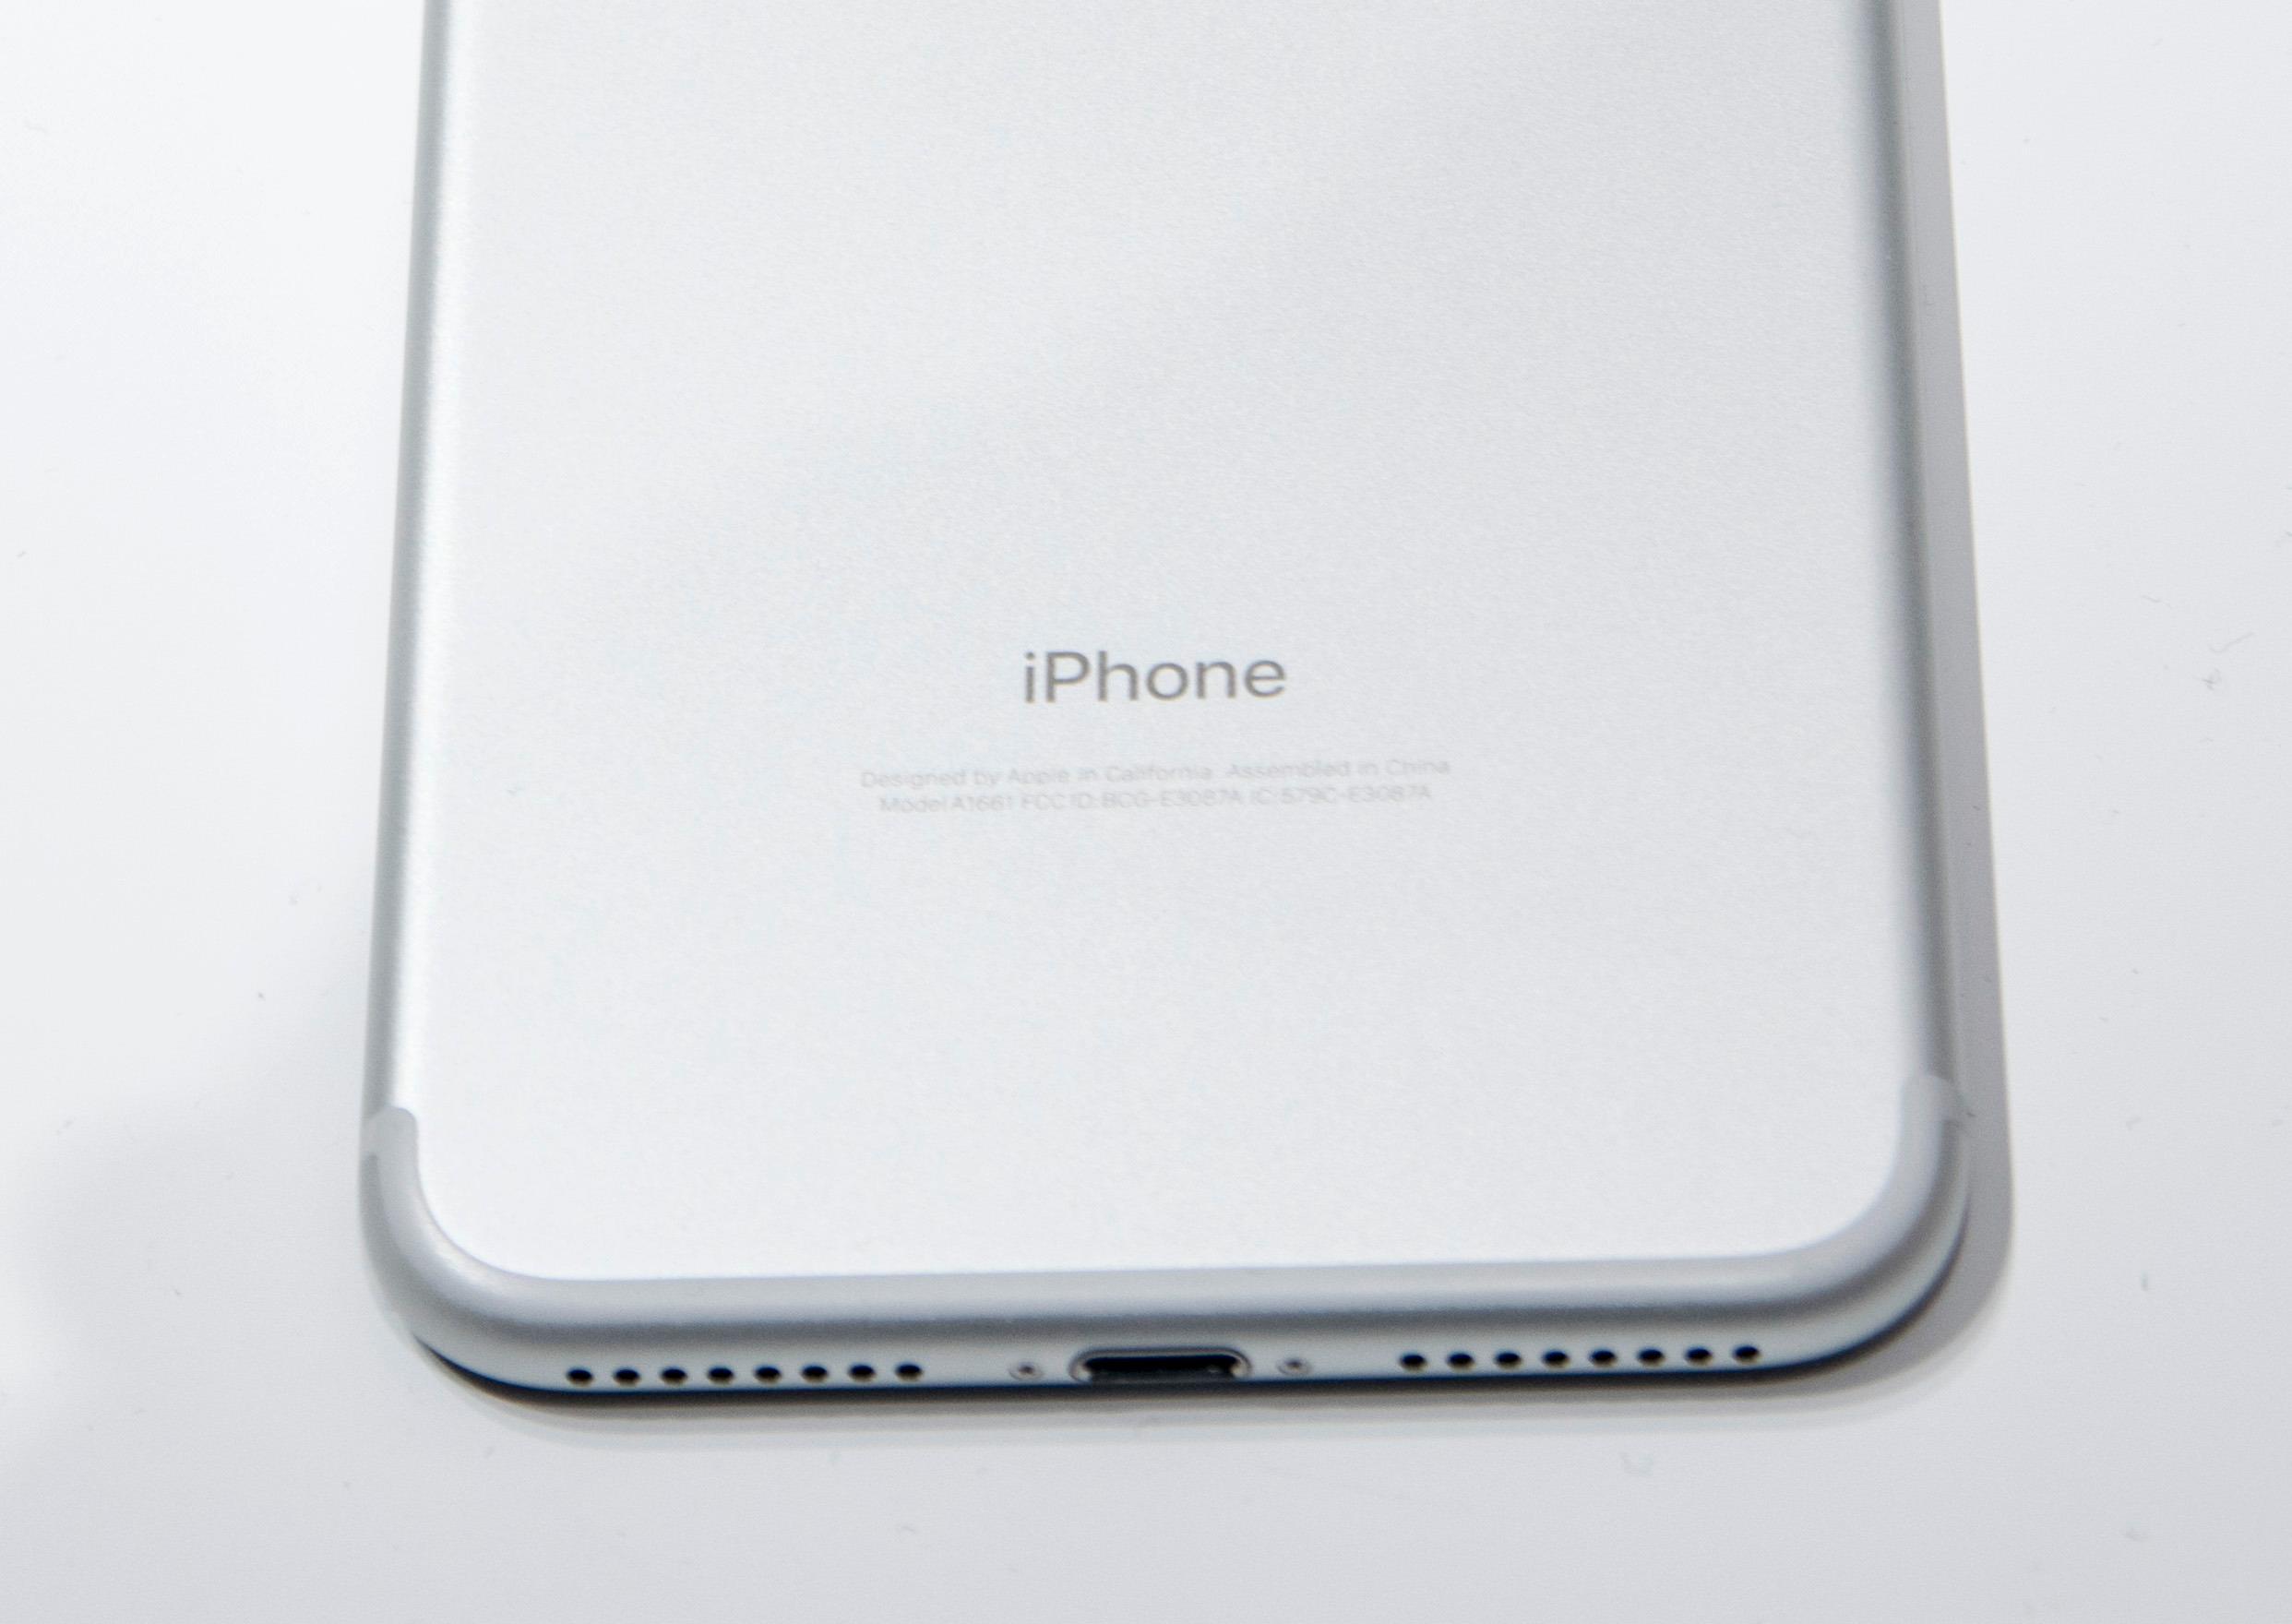 Heller ikke den store iPhone-modellen har hodetelefonkontakt.